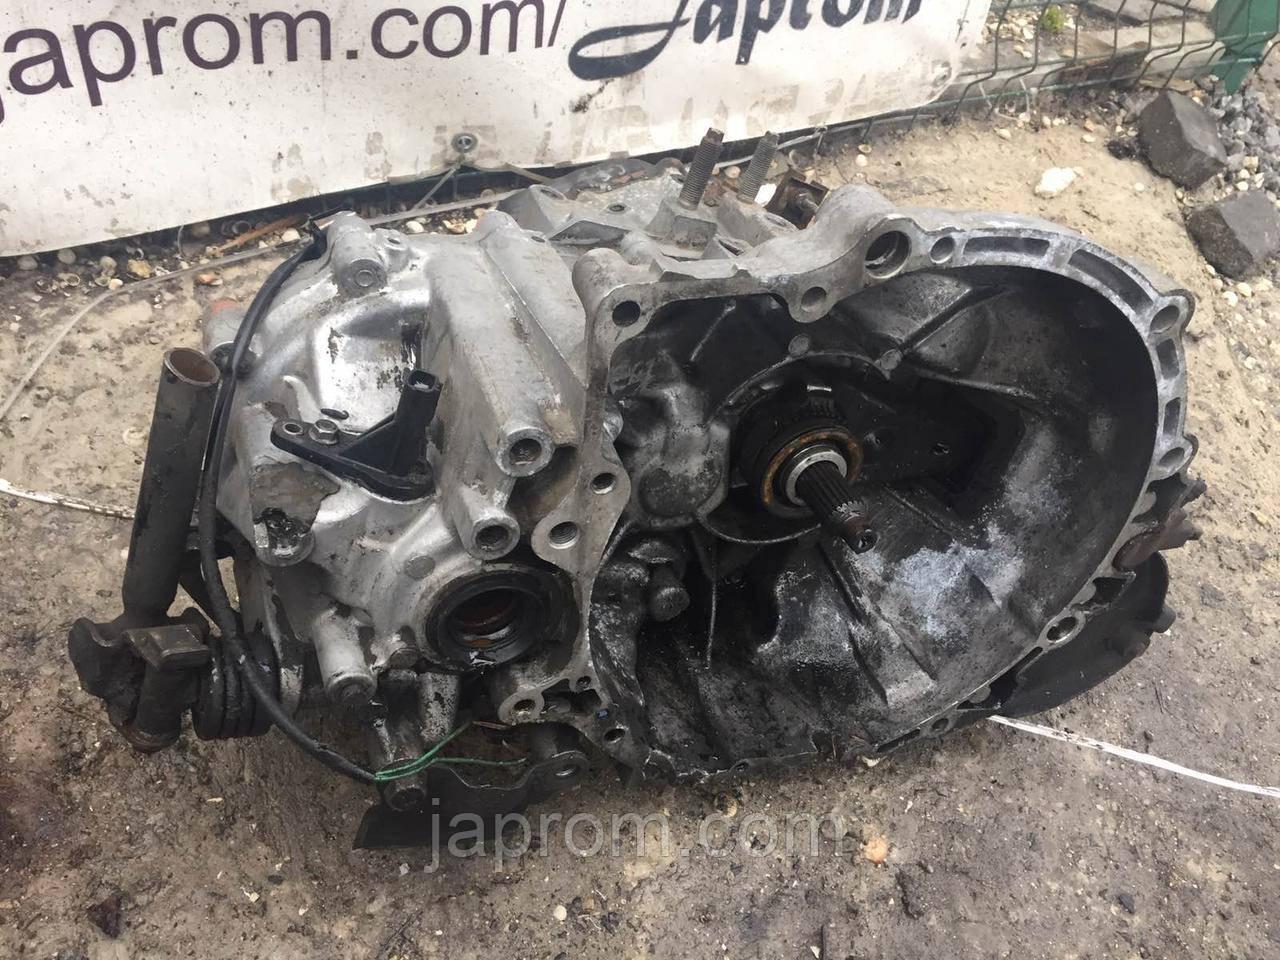 МКПП механическая коробка передач Mazda 626 GF 1.8 2.0 бензин G564 дефект корпуса